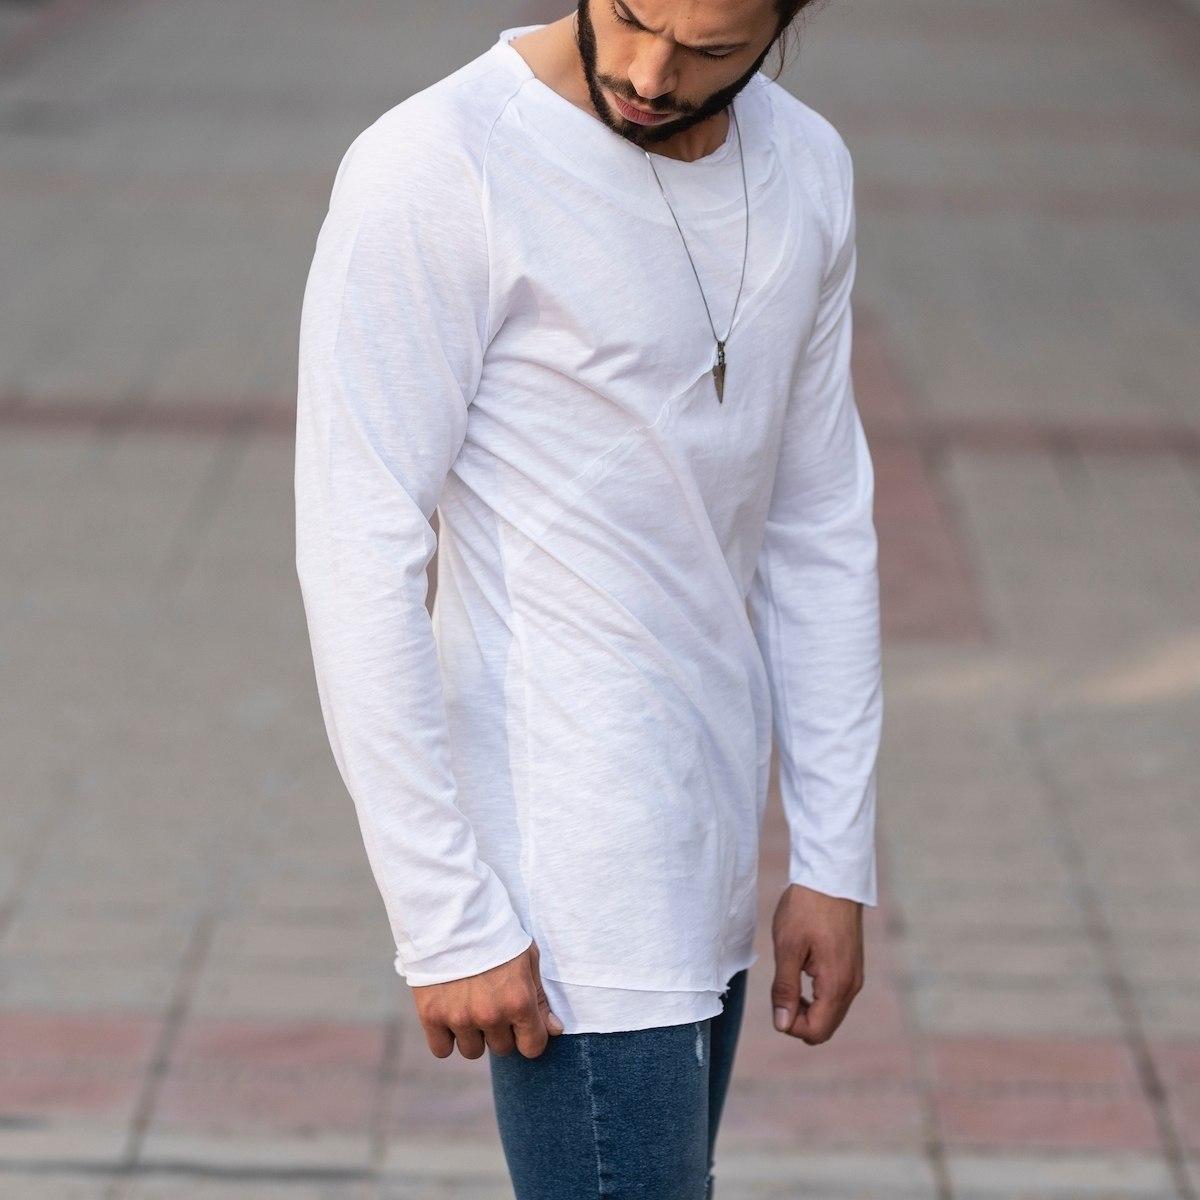 Partial Detailed Sweatshirt In White Mv Premium Brand - 2